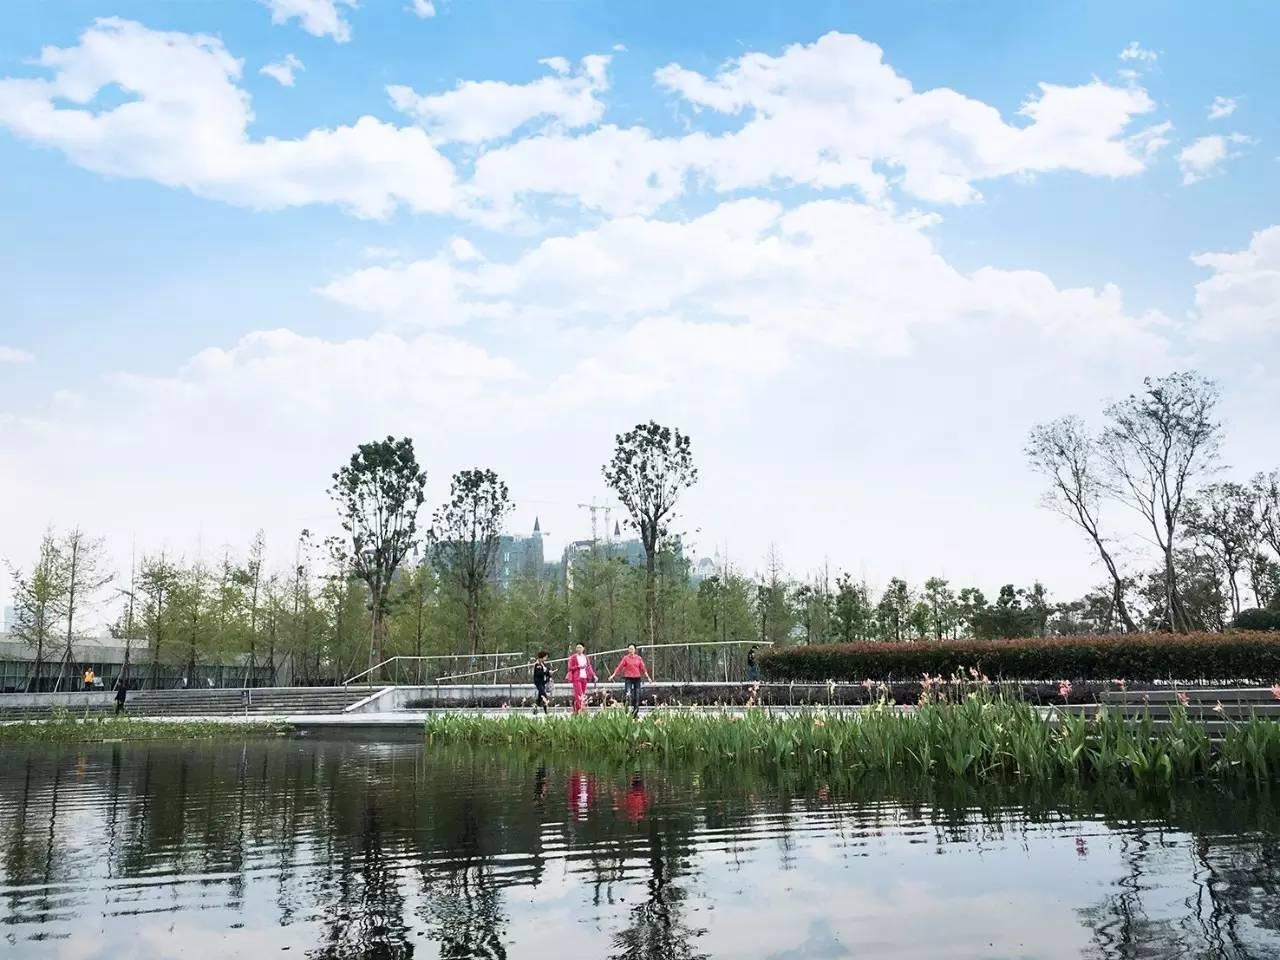 城南新川之心(东区)年底建成开放 5大特色打造可持续生态景观